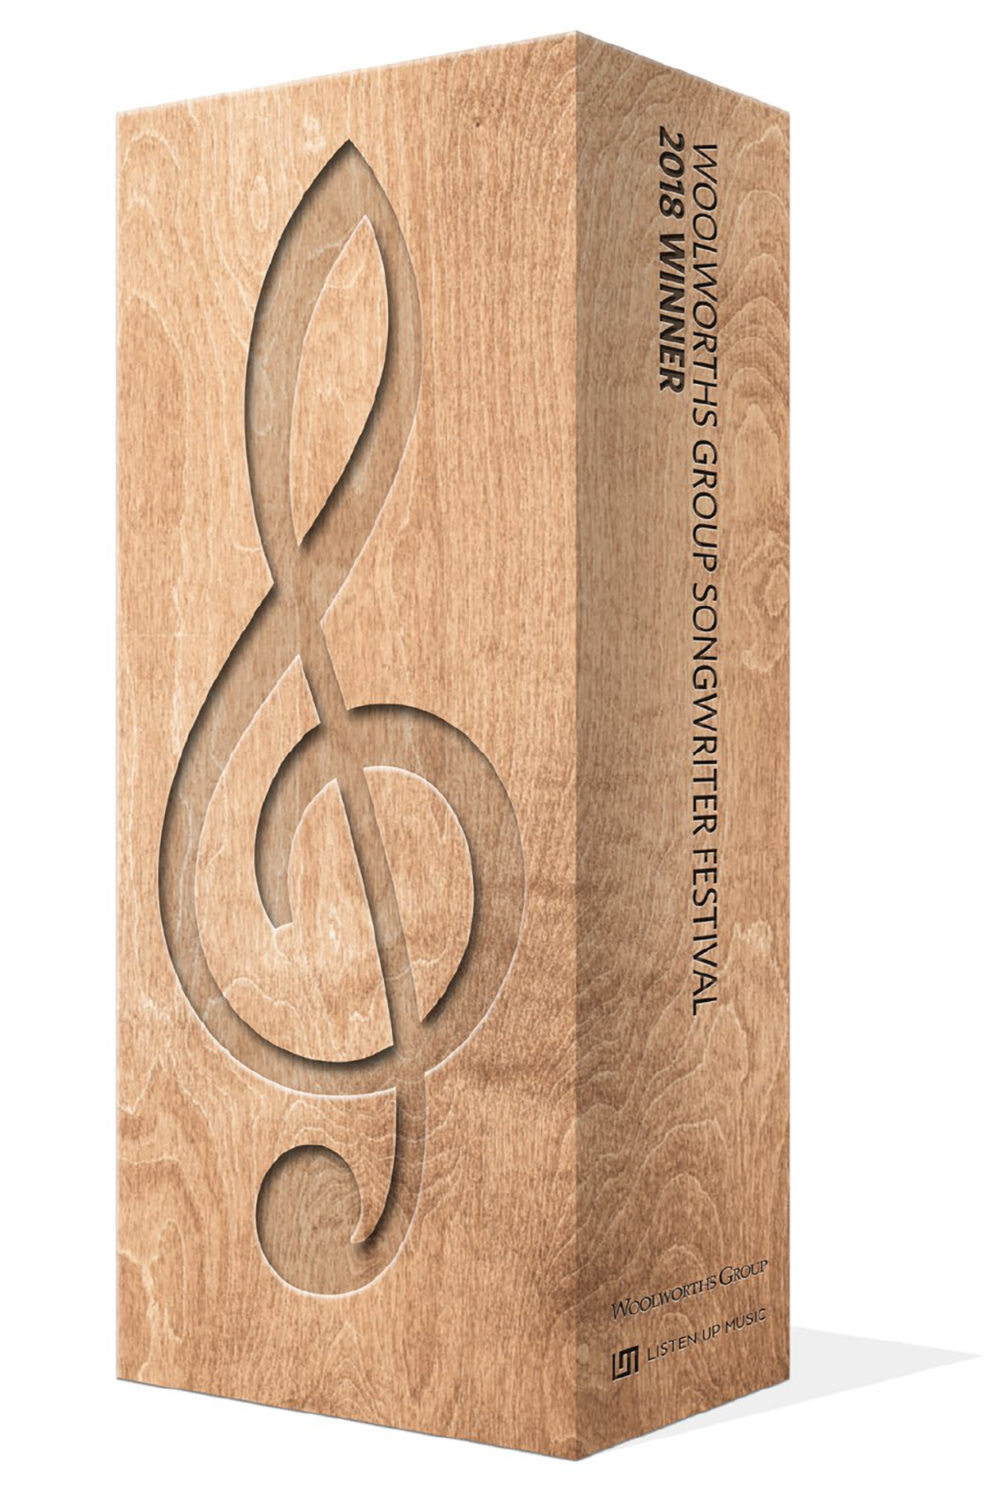 Songwriter's Festival Award